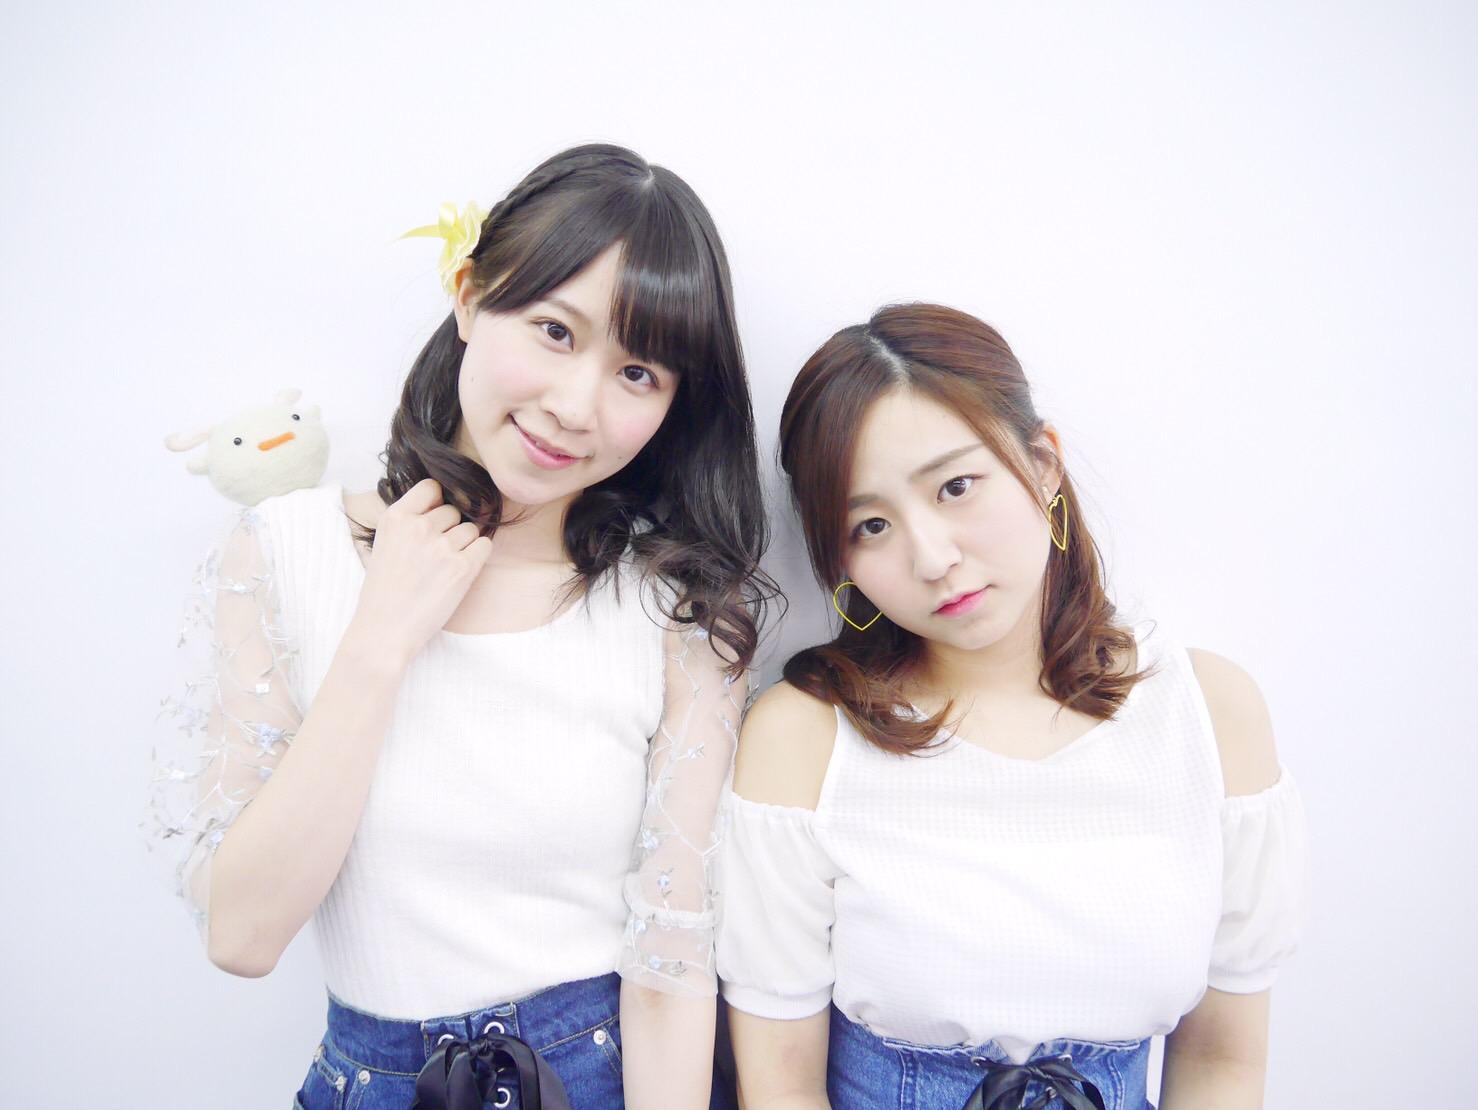 女子箱 -アイドルボックス #51.5- 〜HIF2017〜